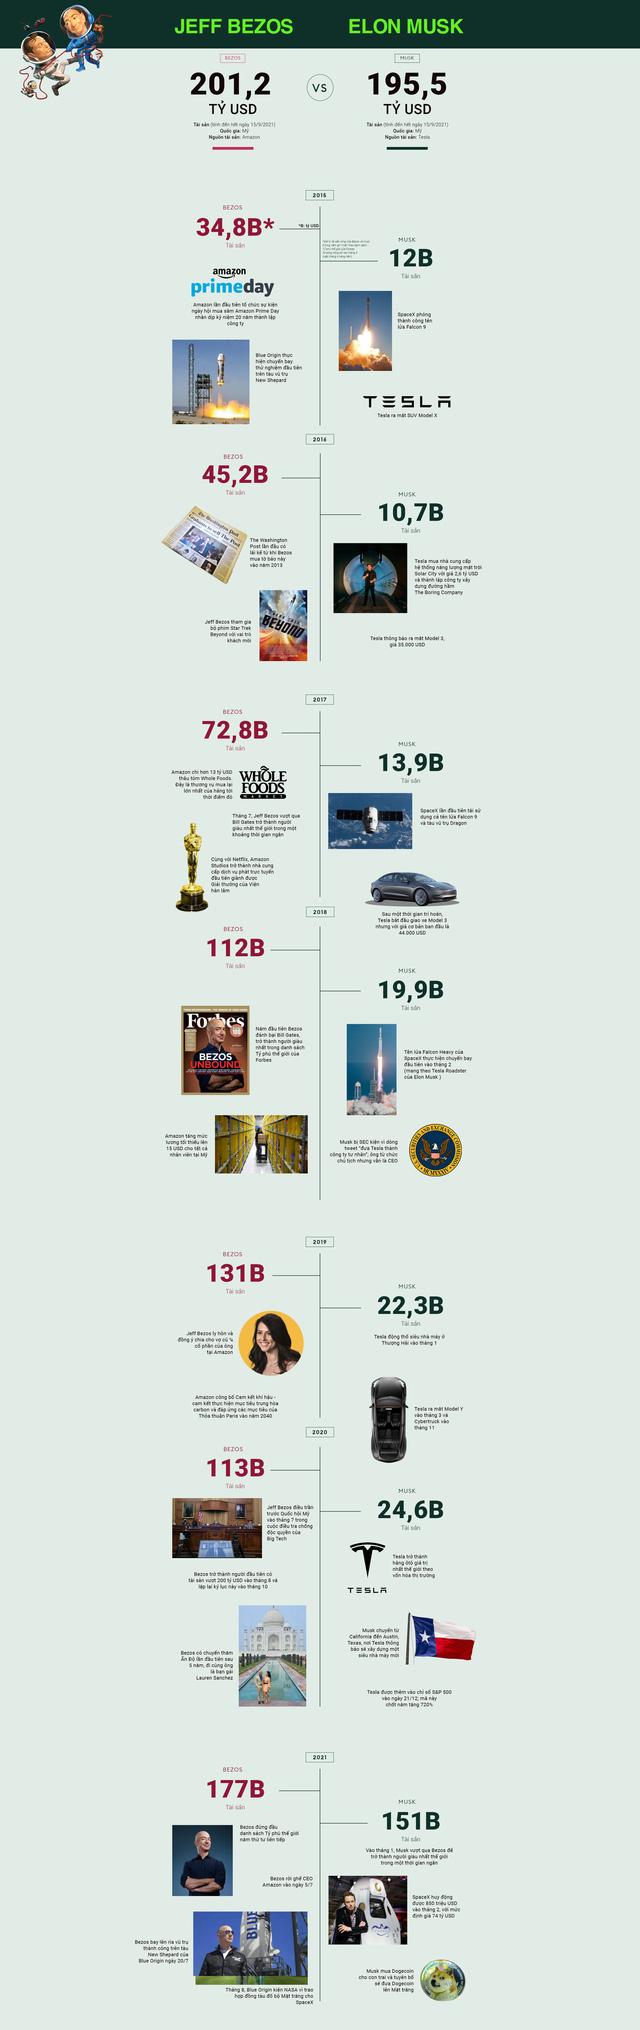 So găng 2 tỷ phú kỳ phùng địch thủ Jeff Bezos và Elon Musk - Ảnh 1.